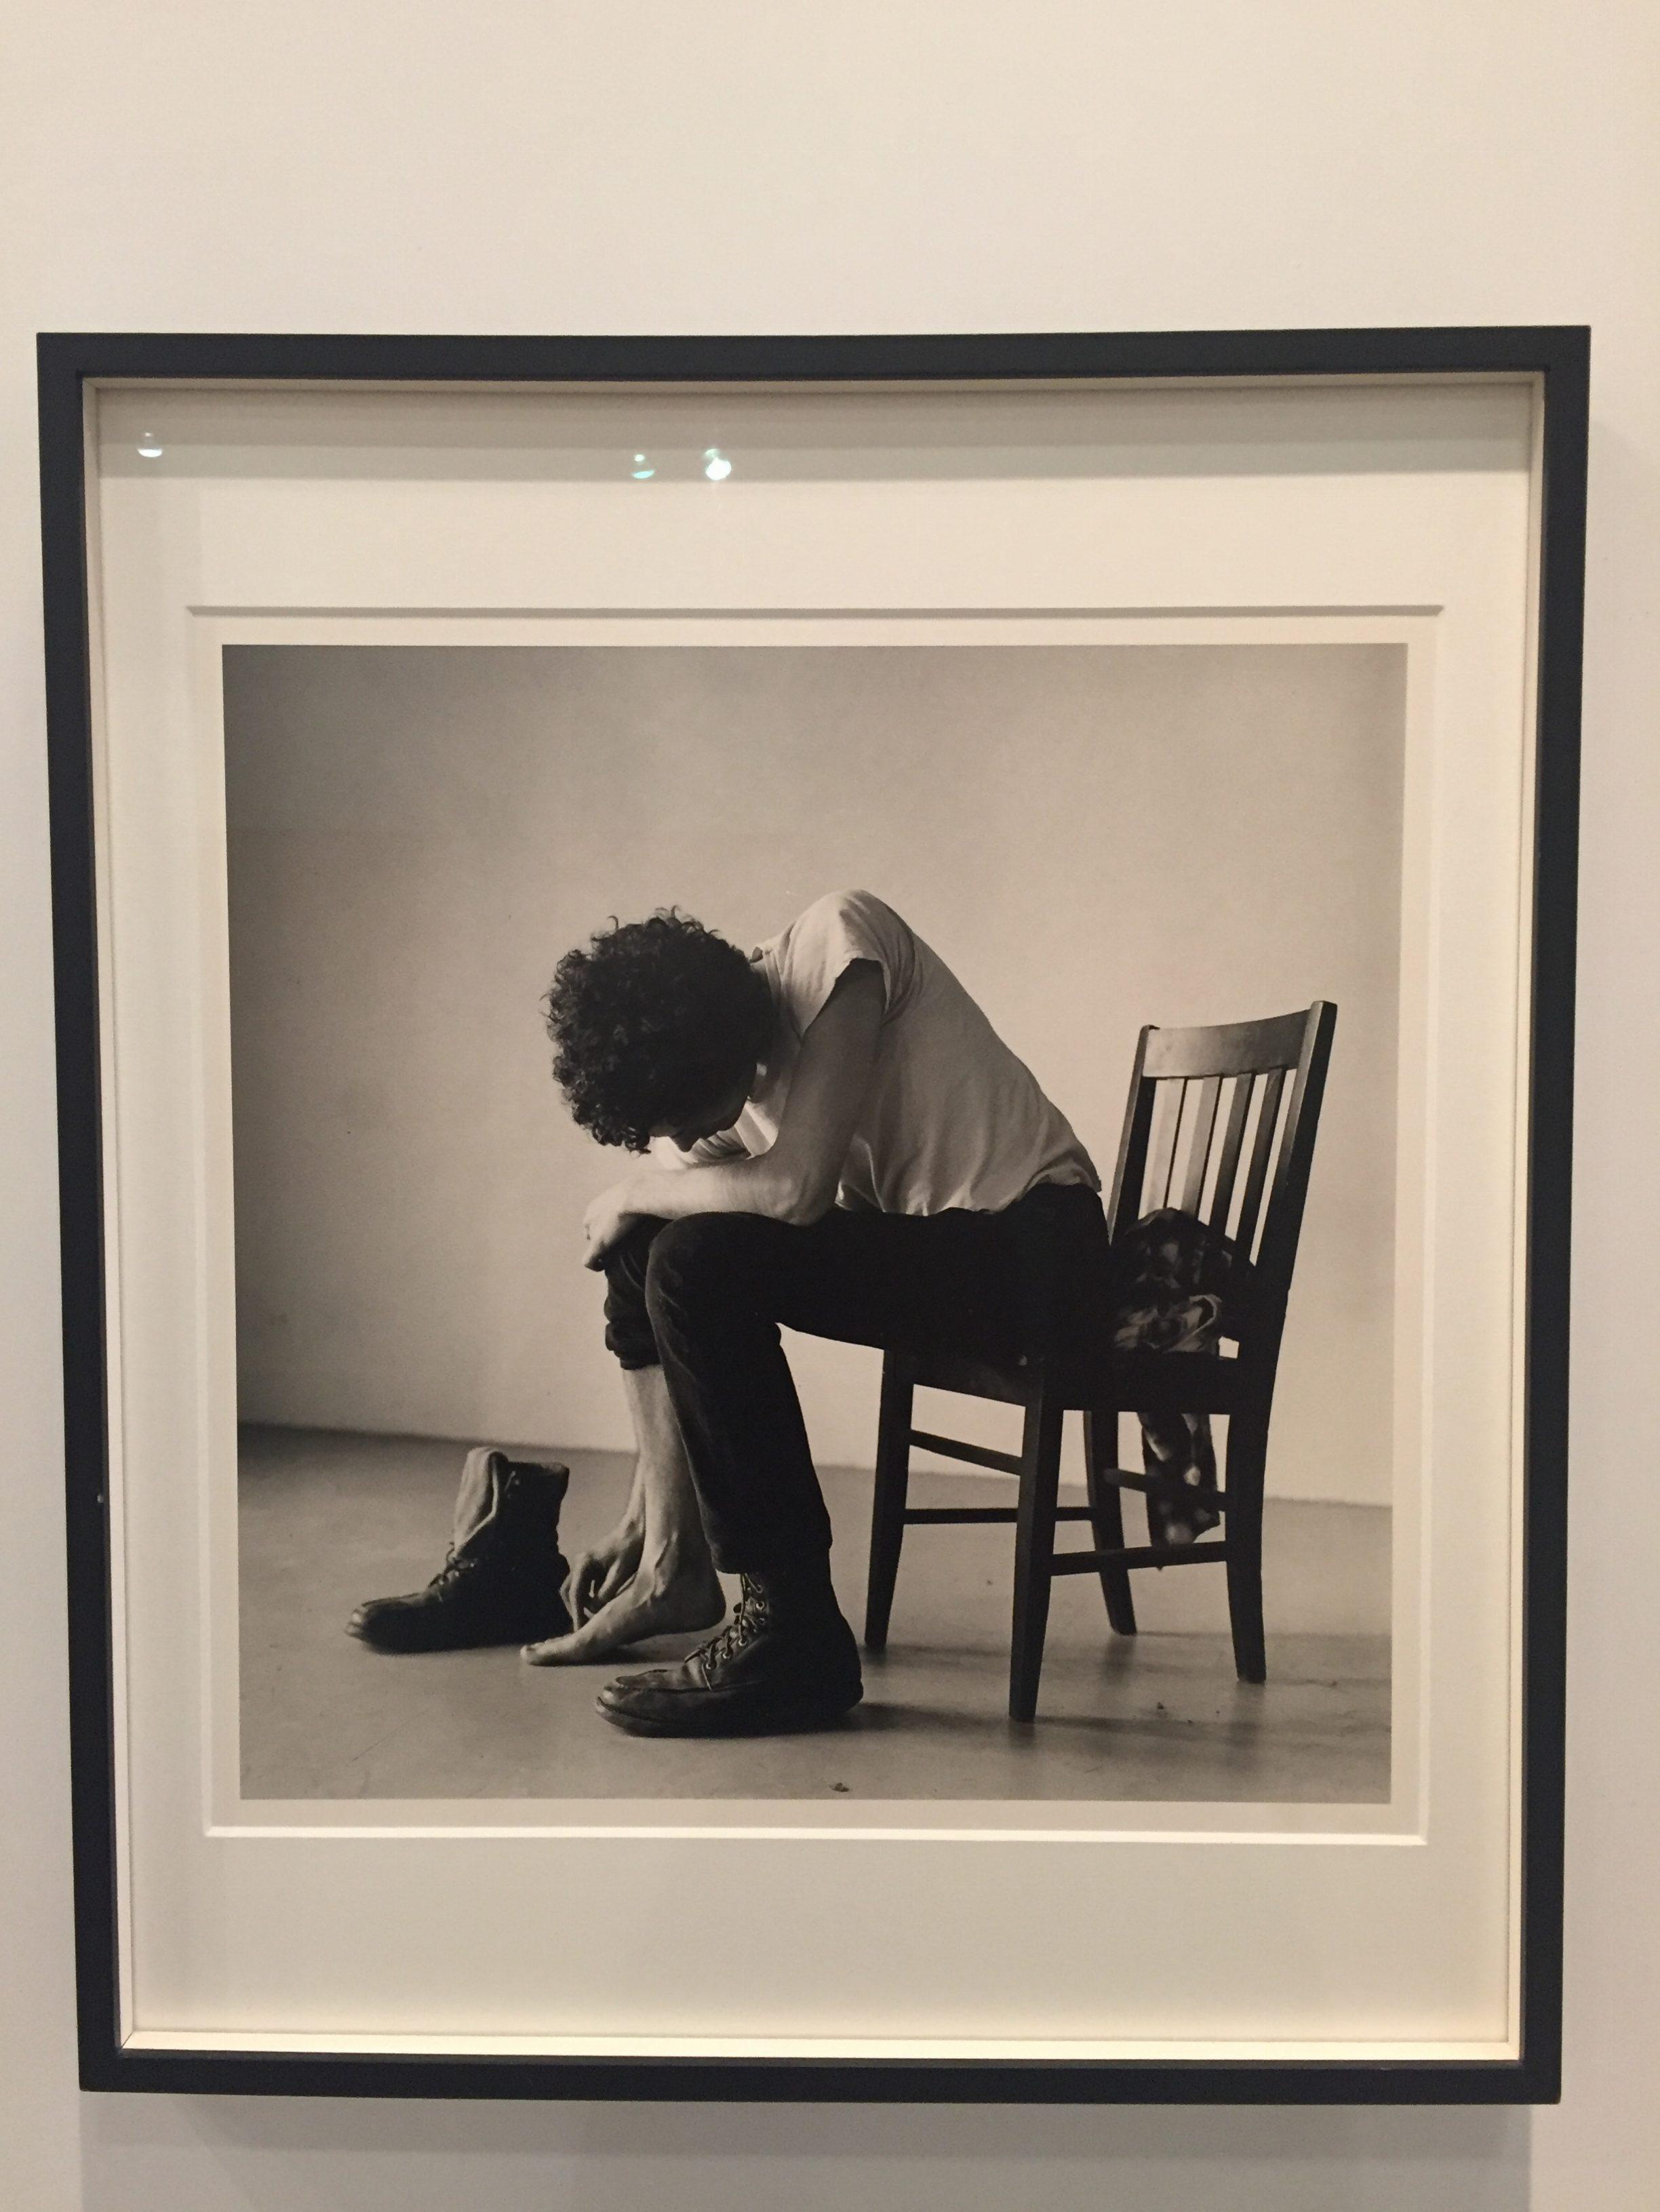 Ari Meşulam koleksiyonundan Peter Hujar fotoğrafı.